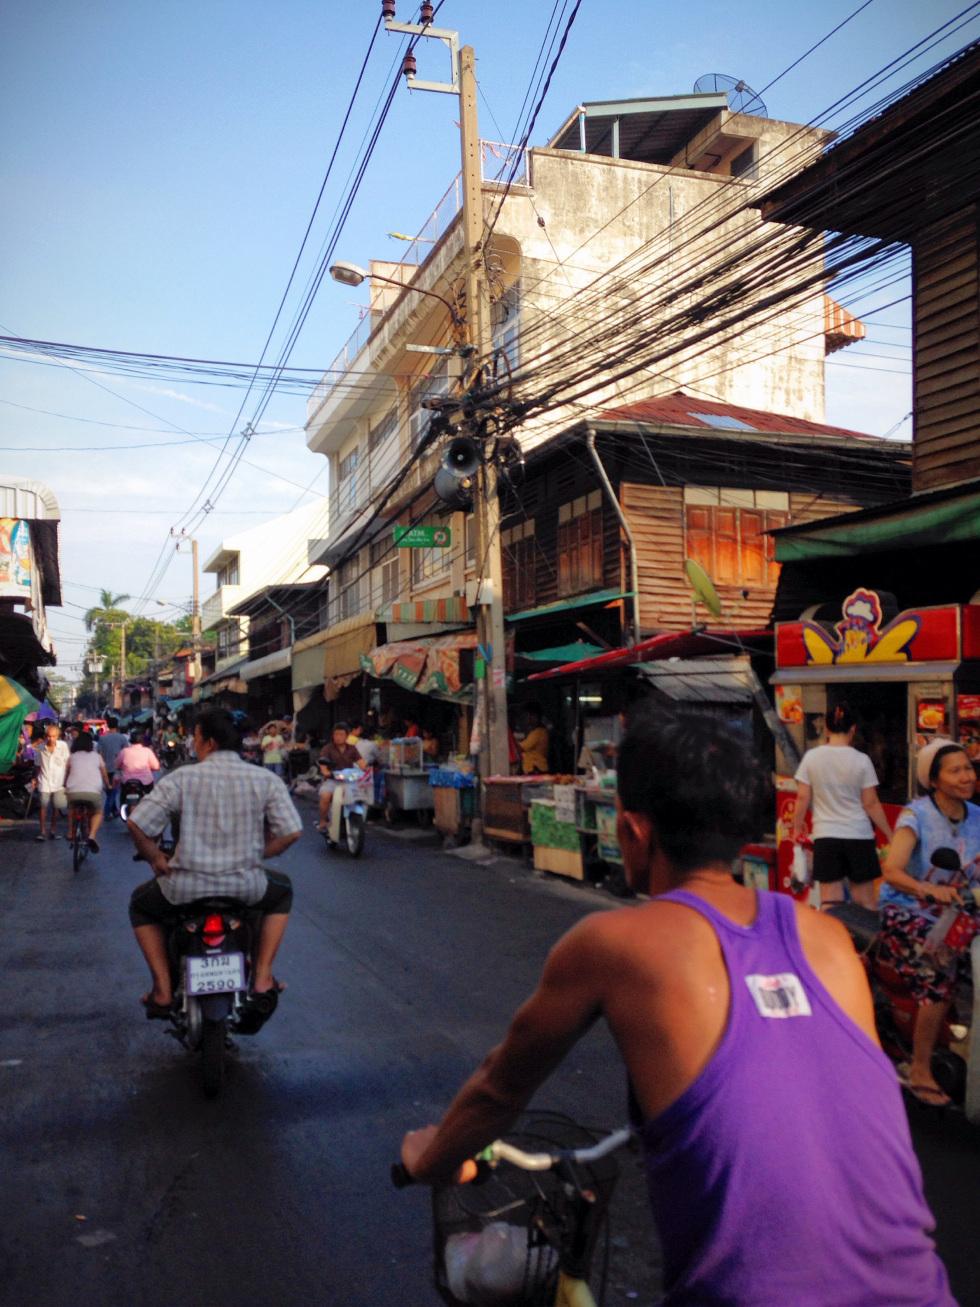 biker in thailand